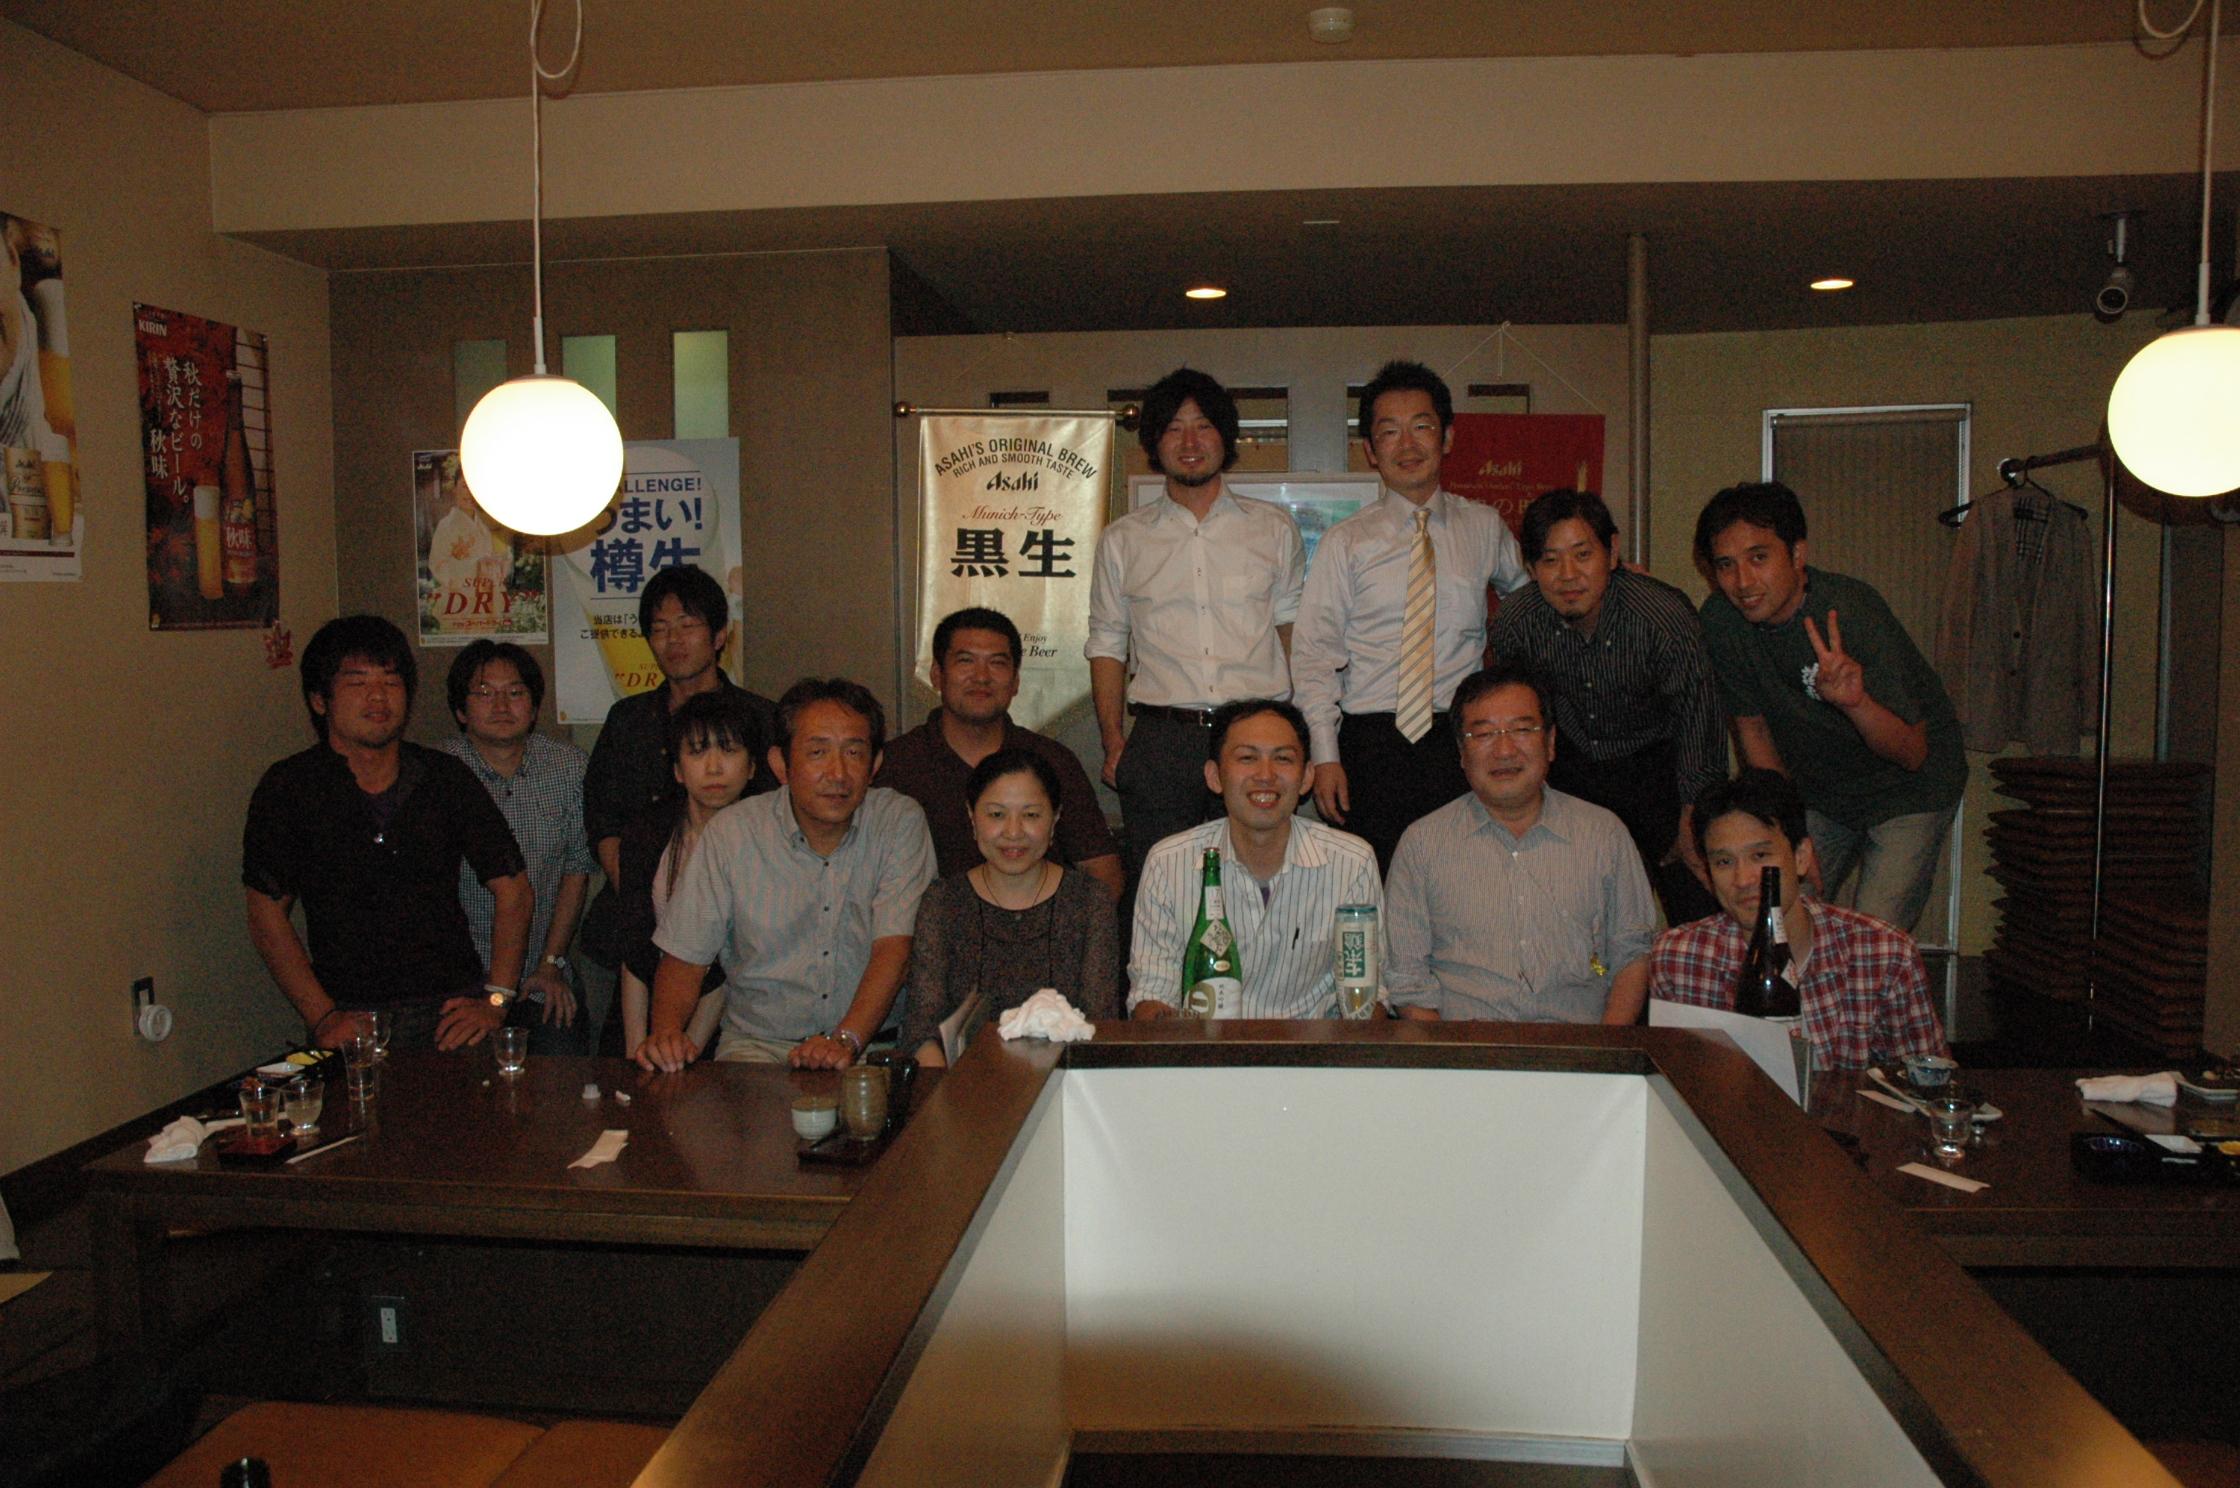 滋賀地酒祭り2011 酒舗まえたに